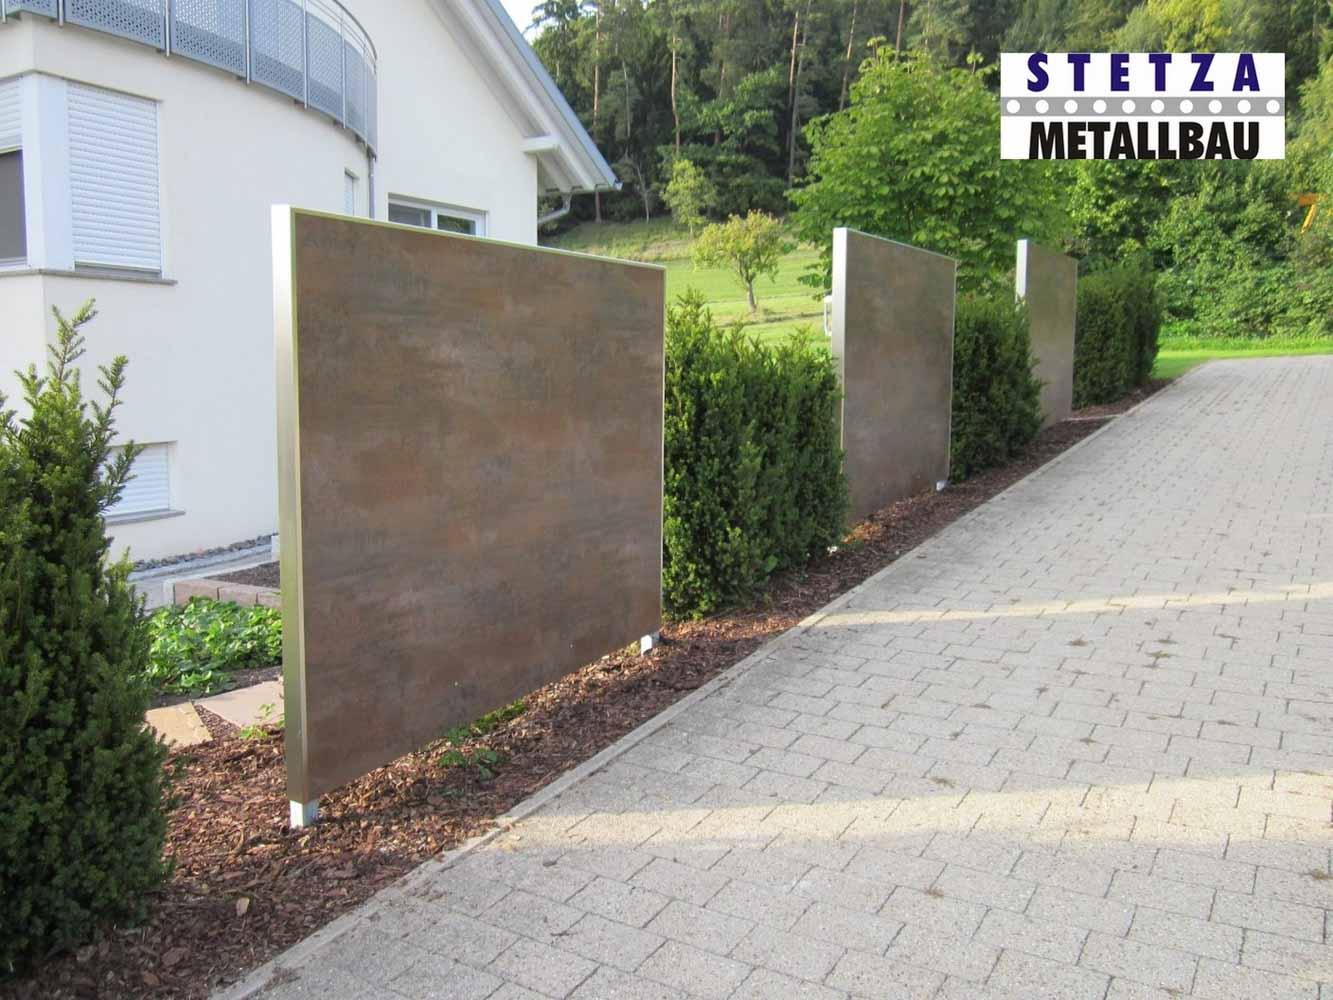 Gartengestaltung stetza metallbau de - Gartengestaltung bildergalerie ...